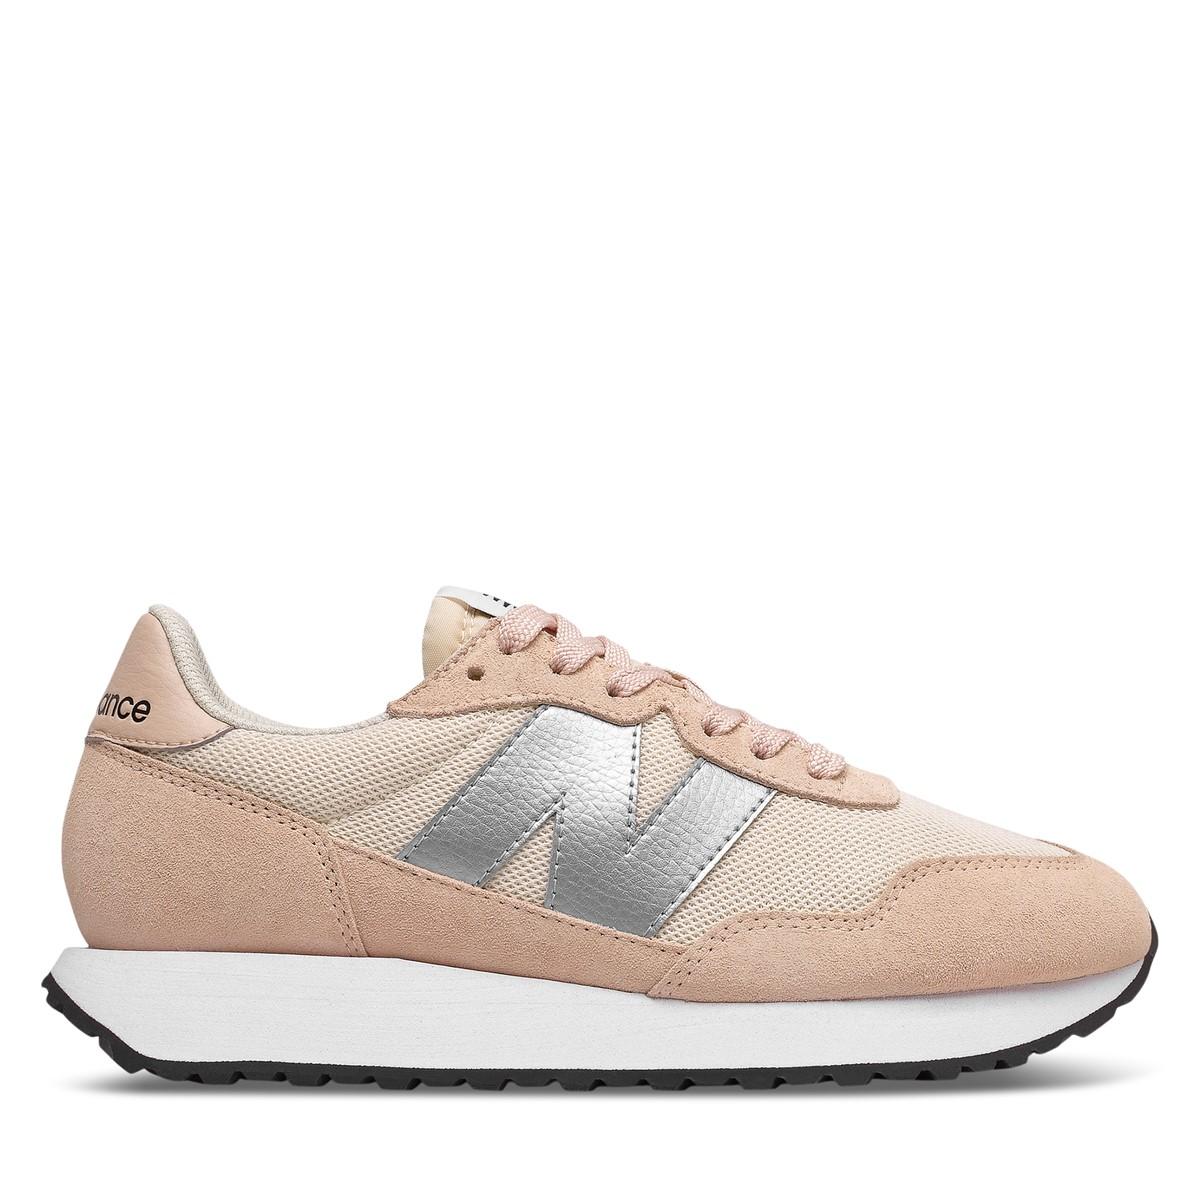 Women's 237 Sneakers in Light Pink/Silver